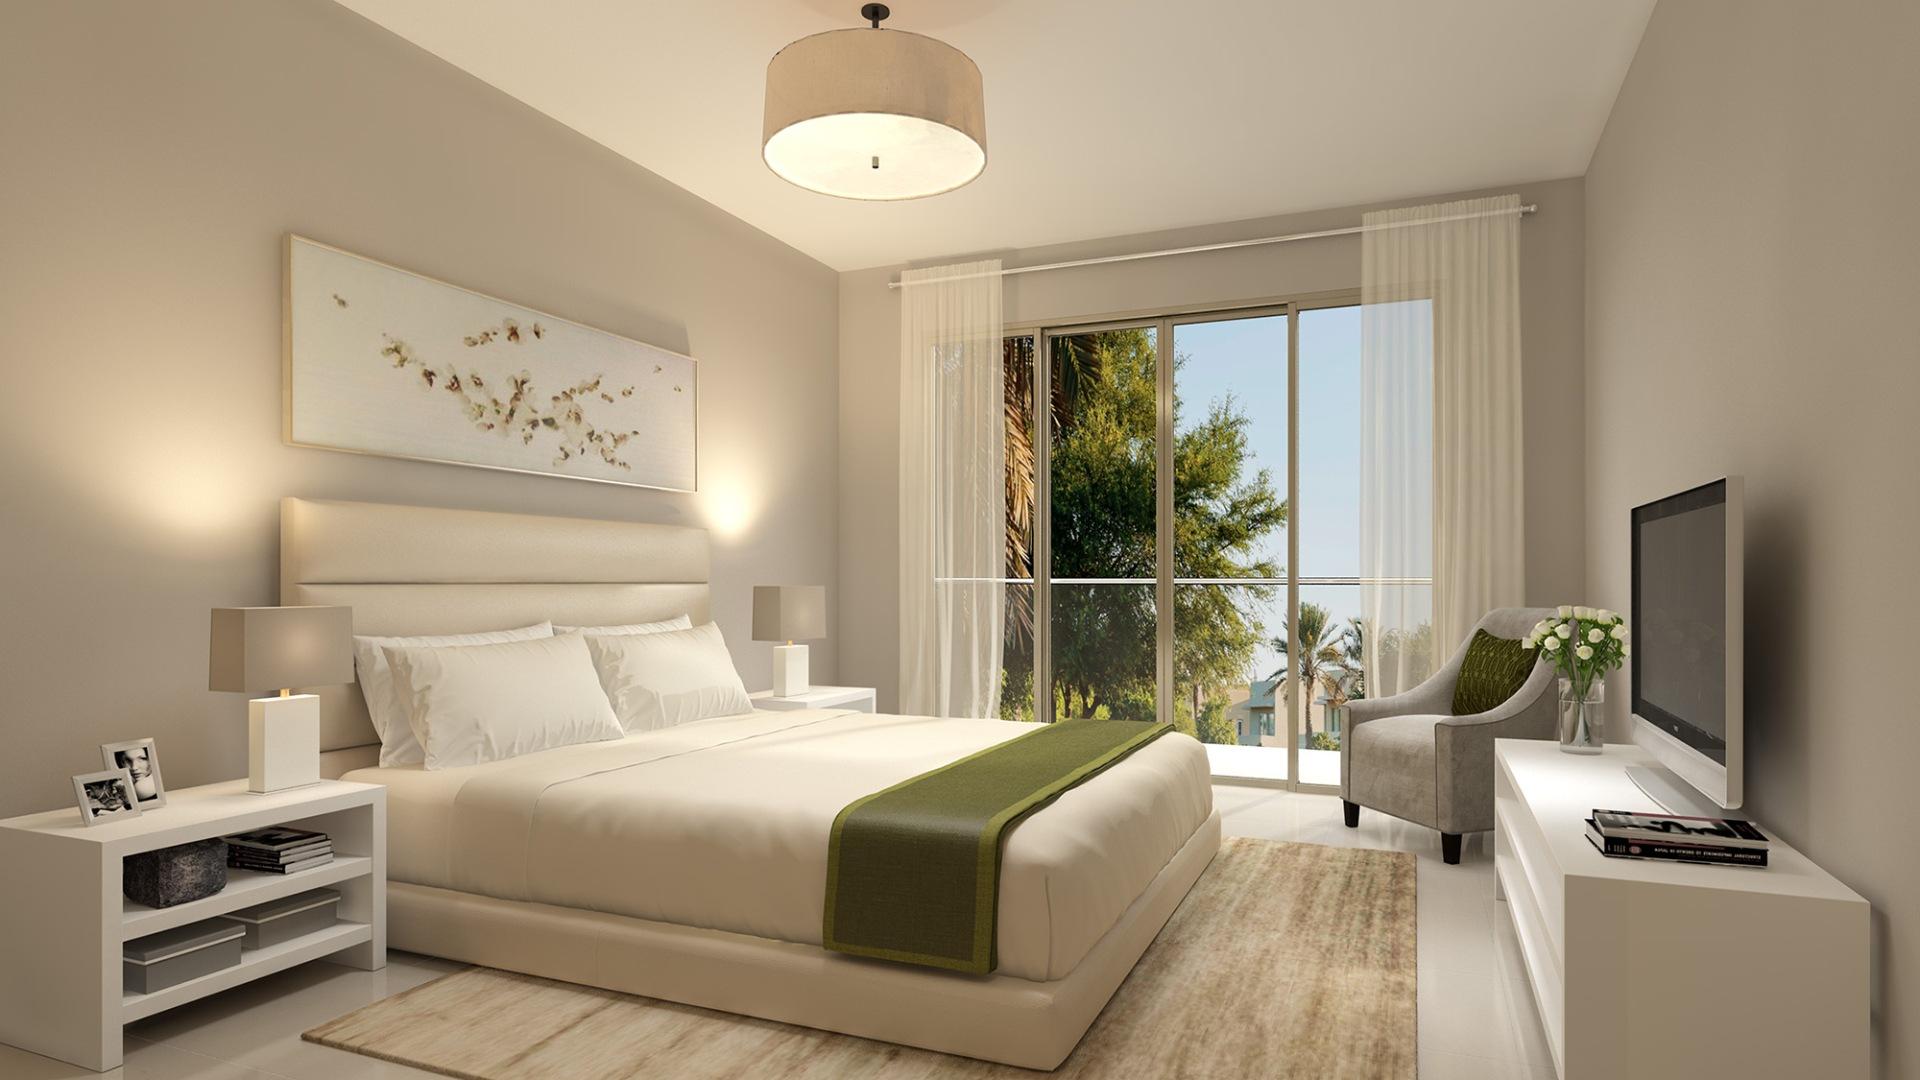 Adosado en venta en Dubai, EAU, 4 dormitorios, 292 m2, № 24375 – foto 2